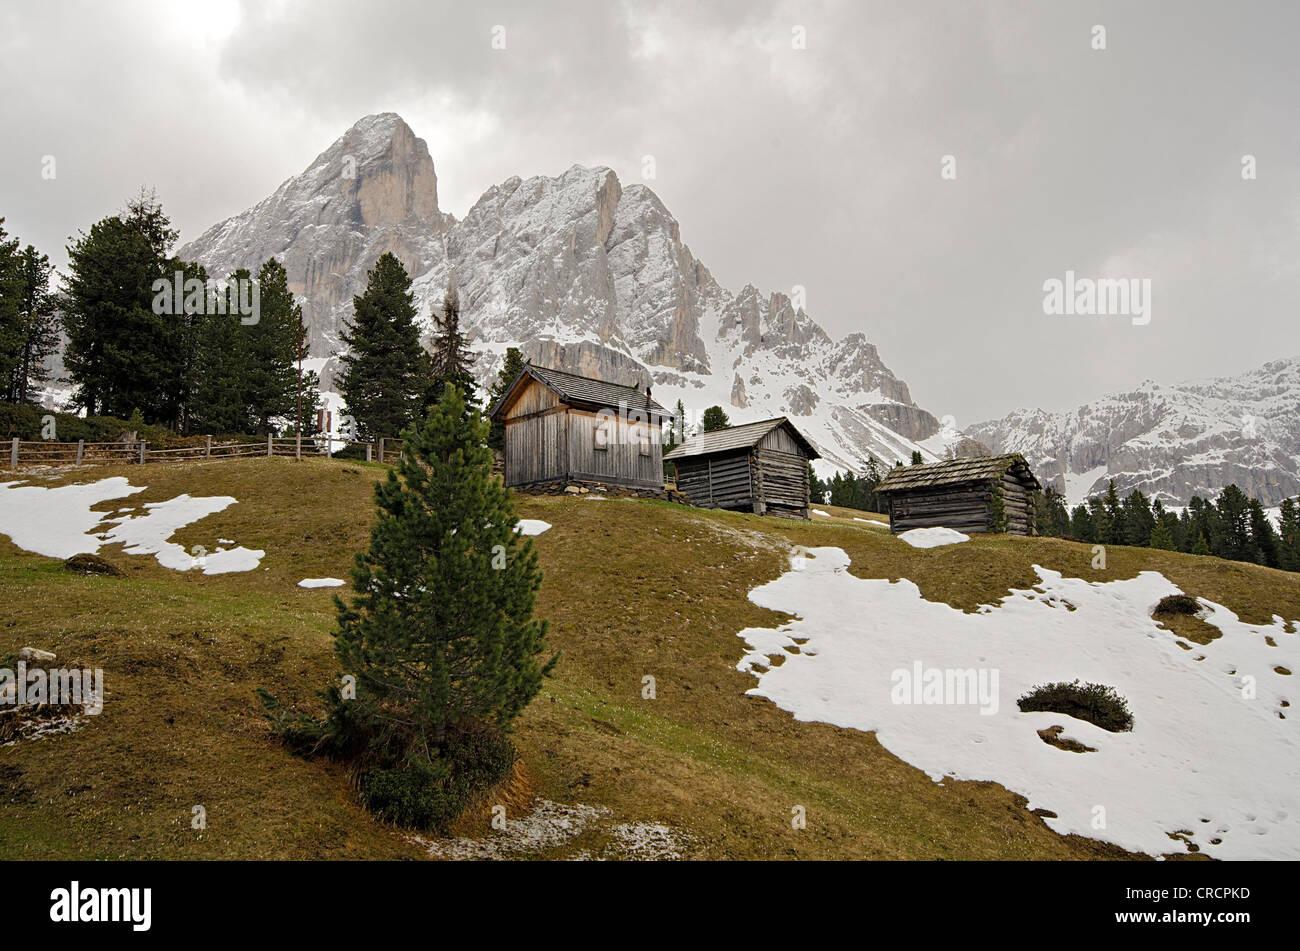 Almhütten am Passo Delle Erbe Mountain pass, Peitlerkofel Berg hinter, Dolomiten, Südtirol, Italien, Europa Stockbild